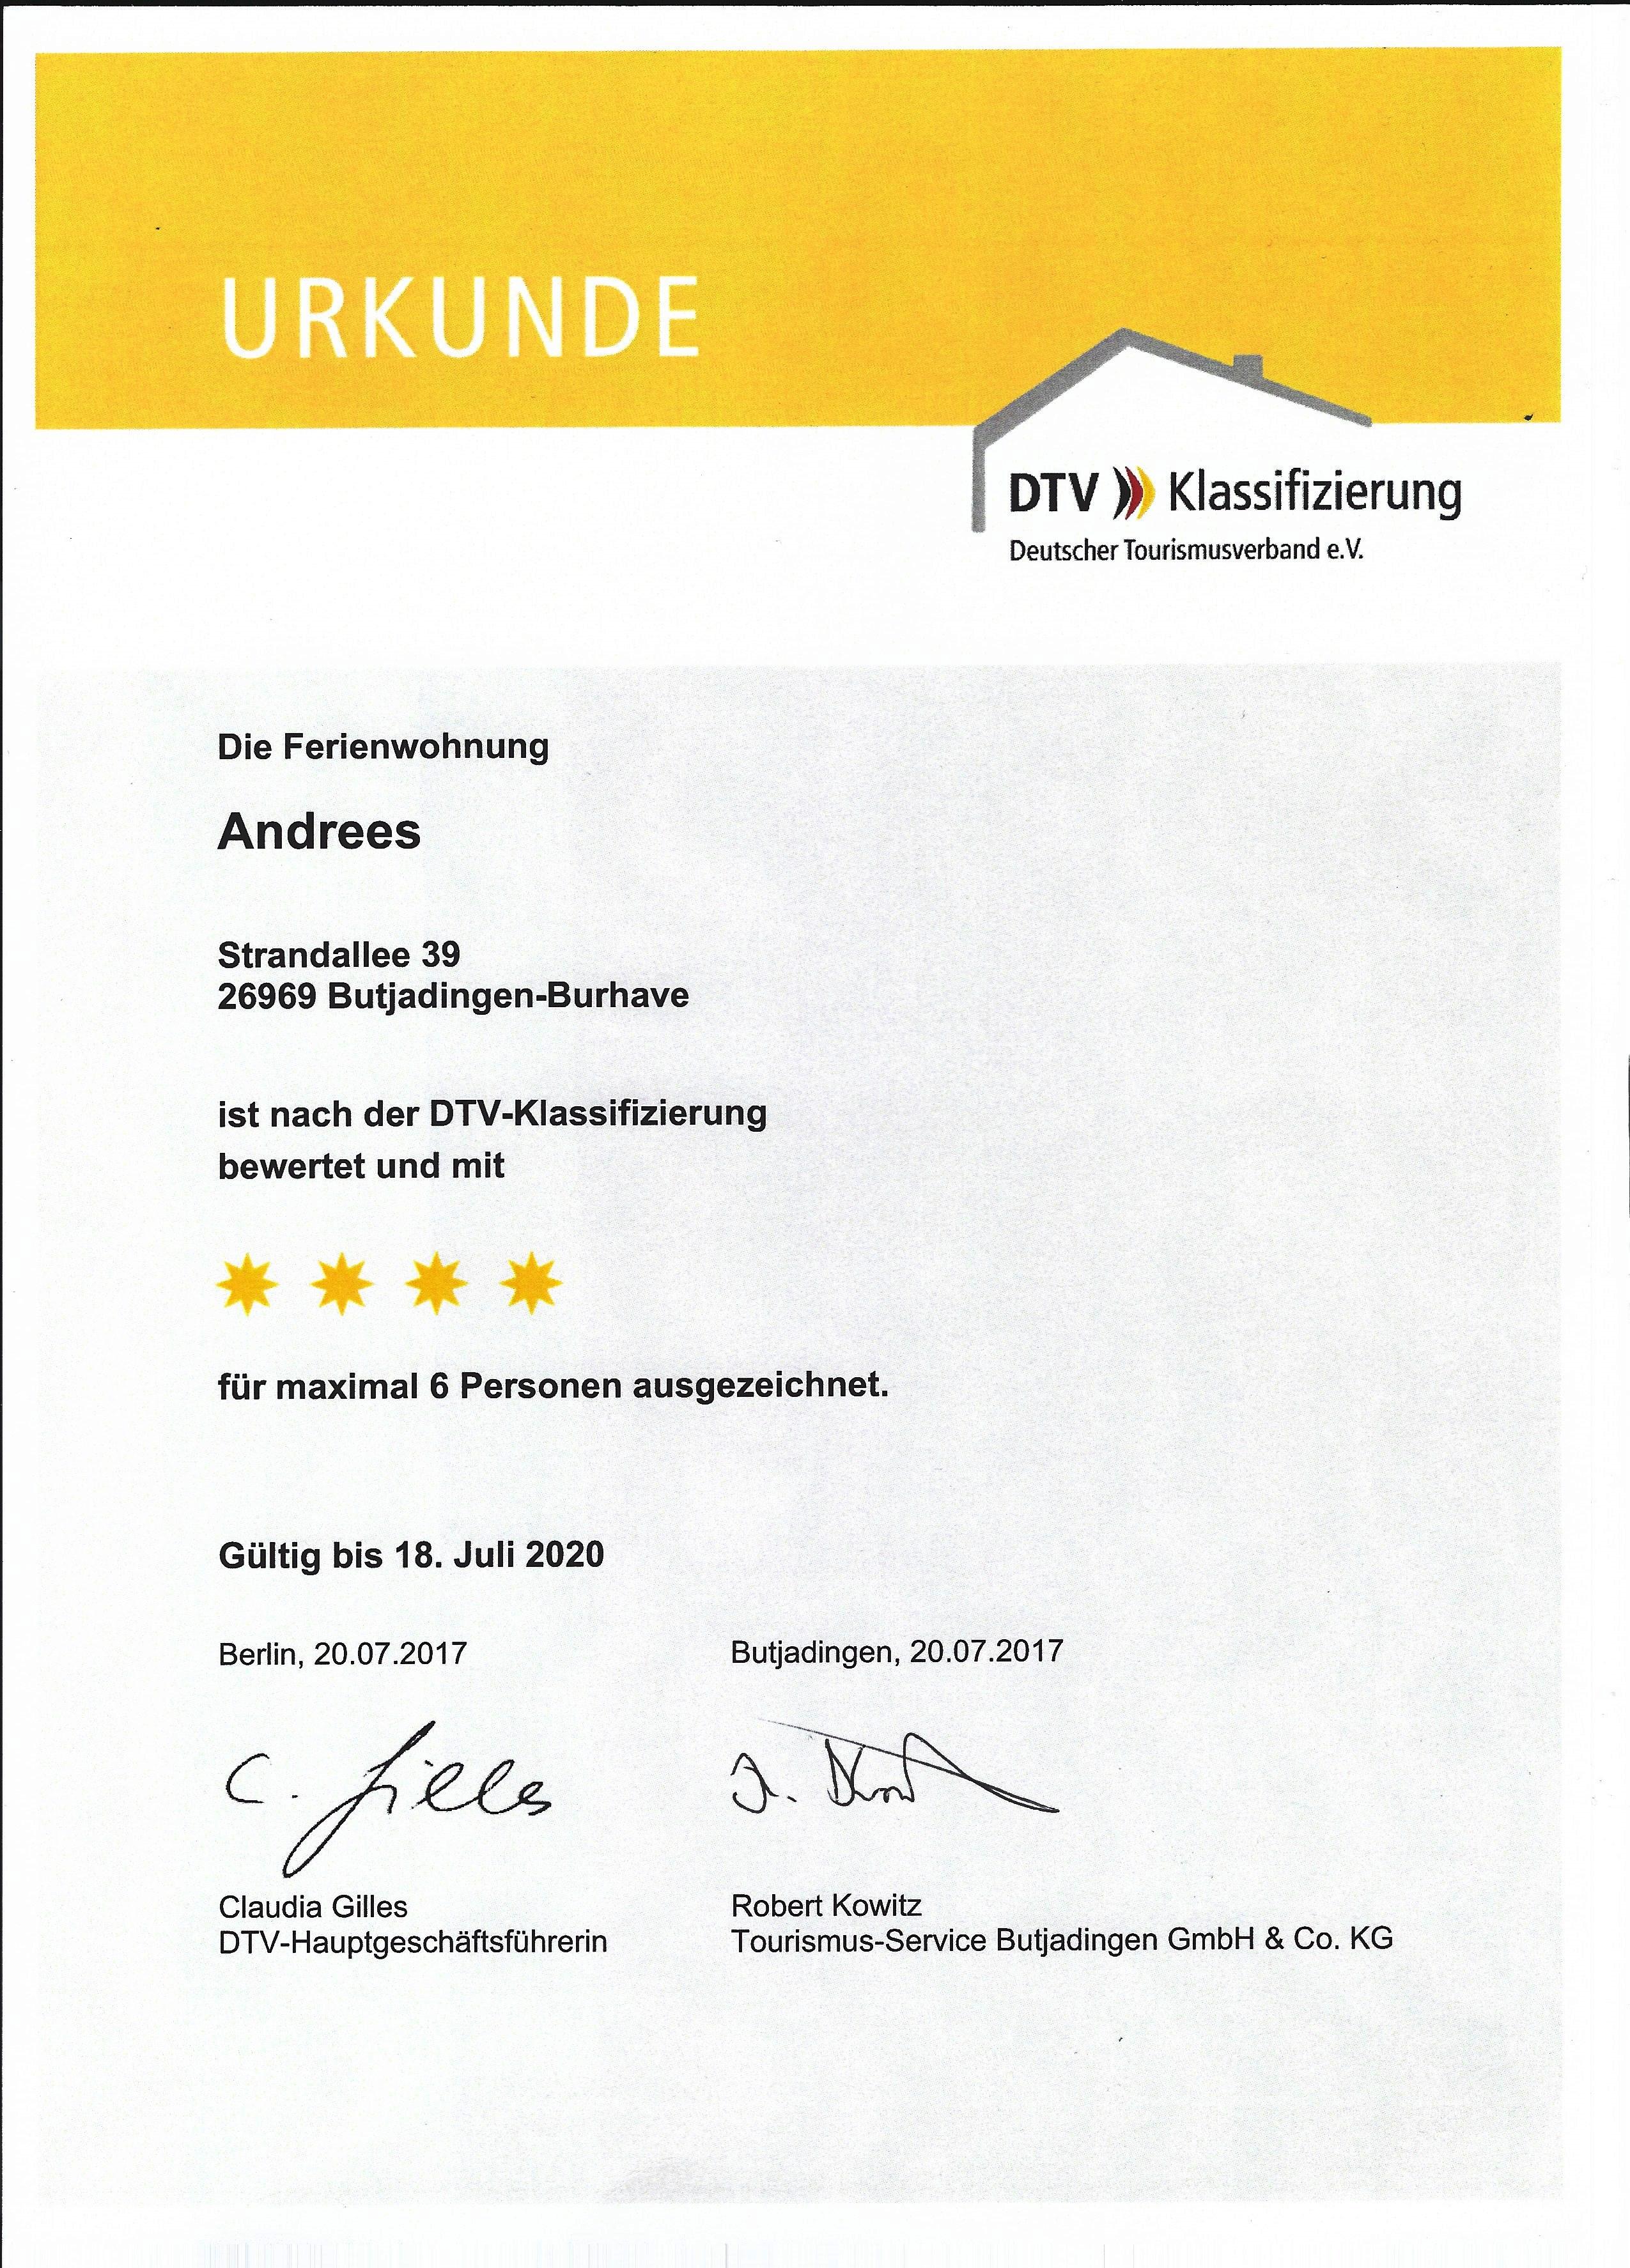 4 Sterne Urkunde des DTV